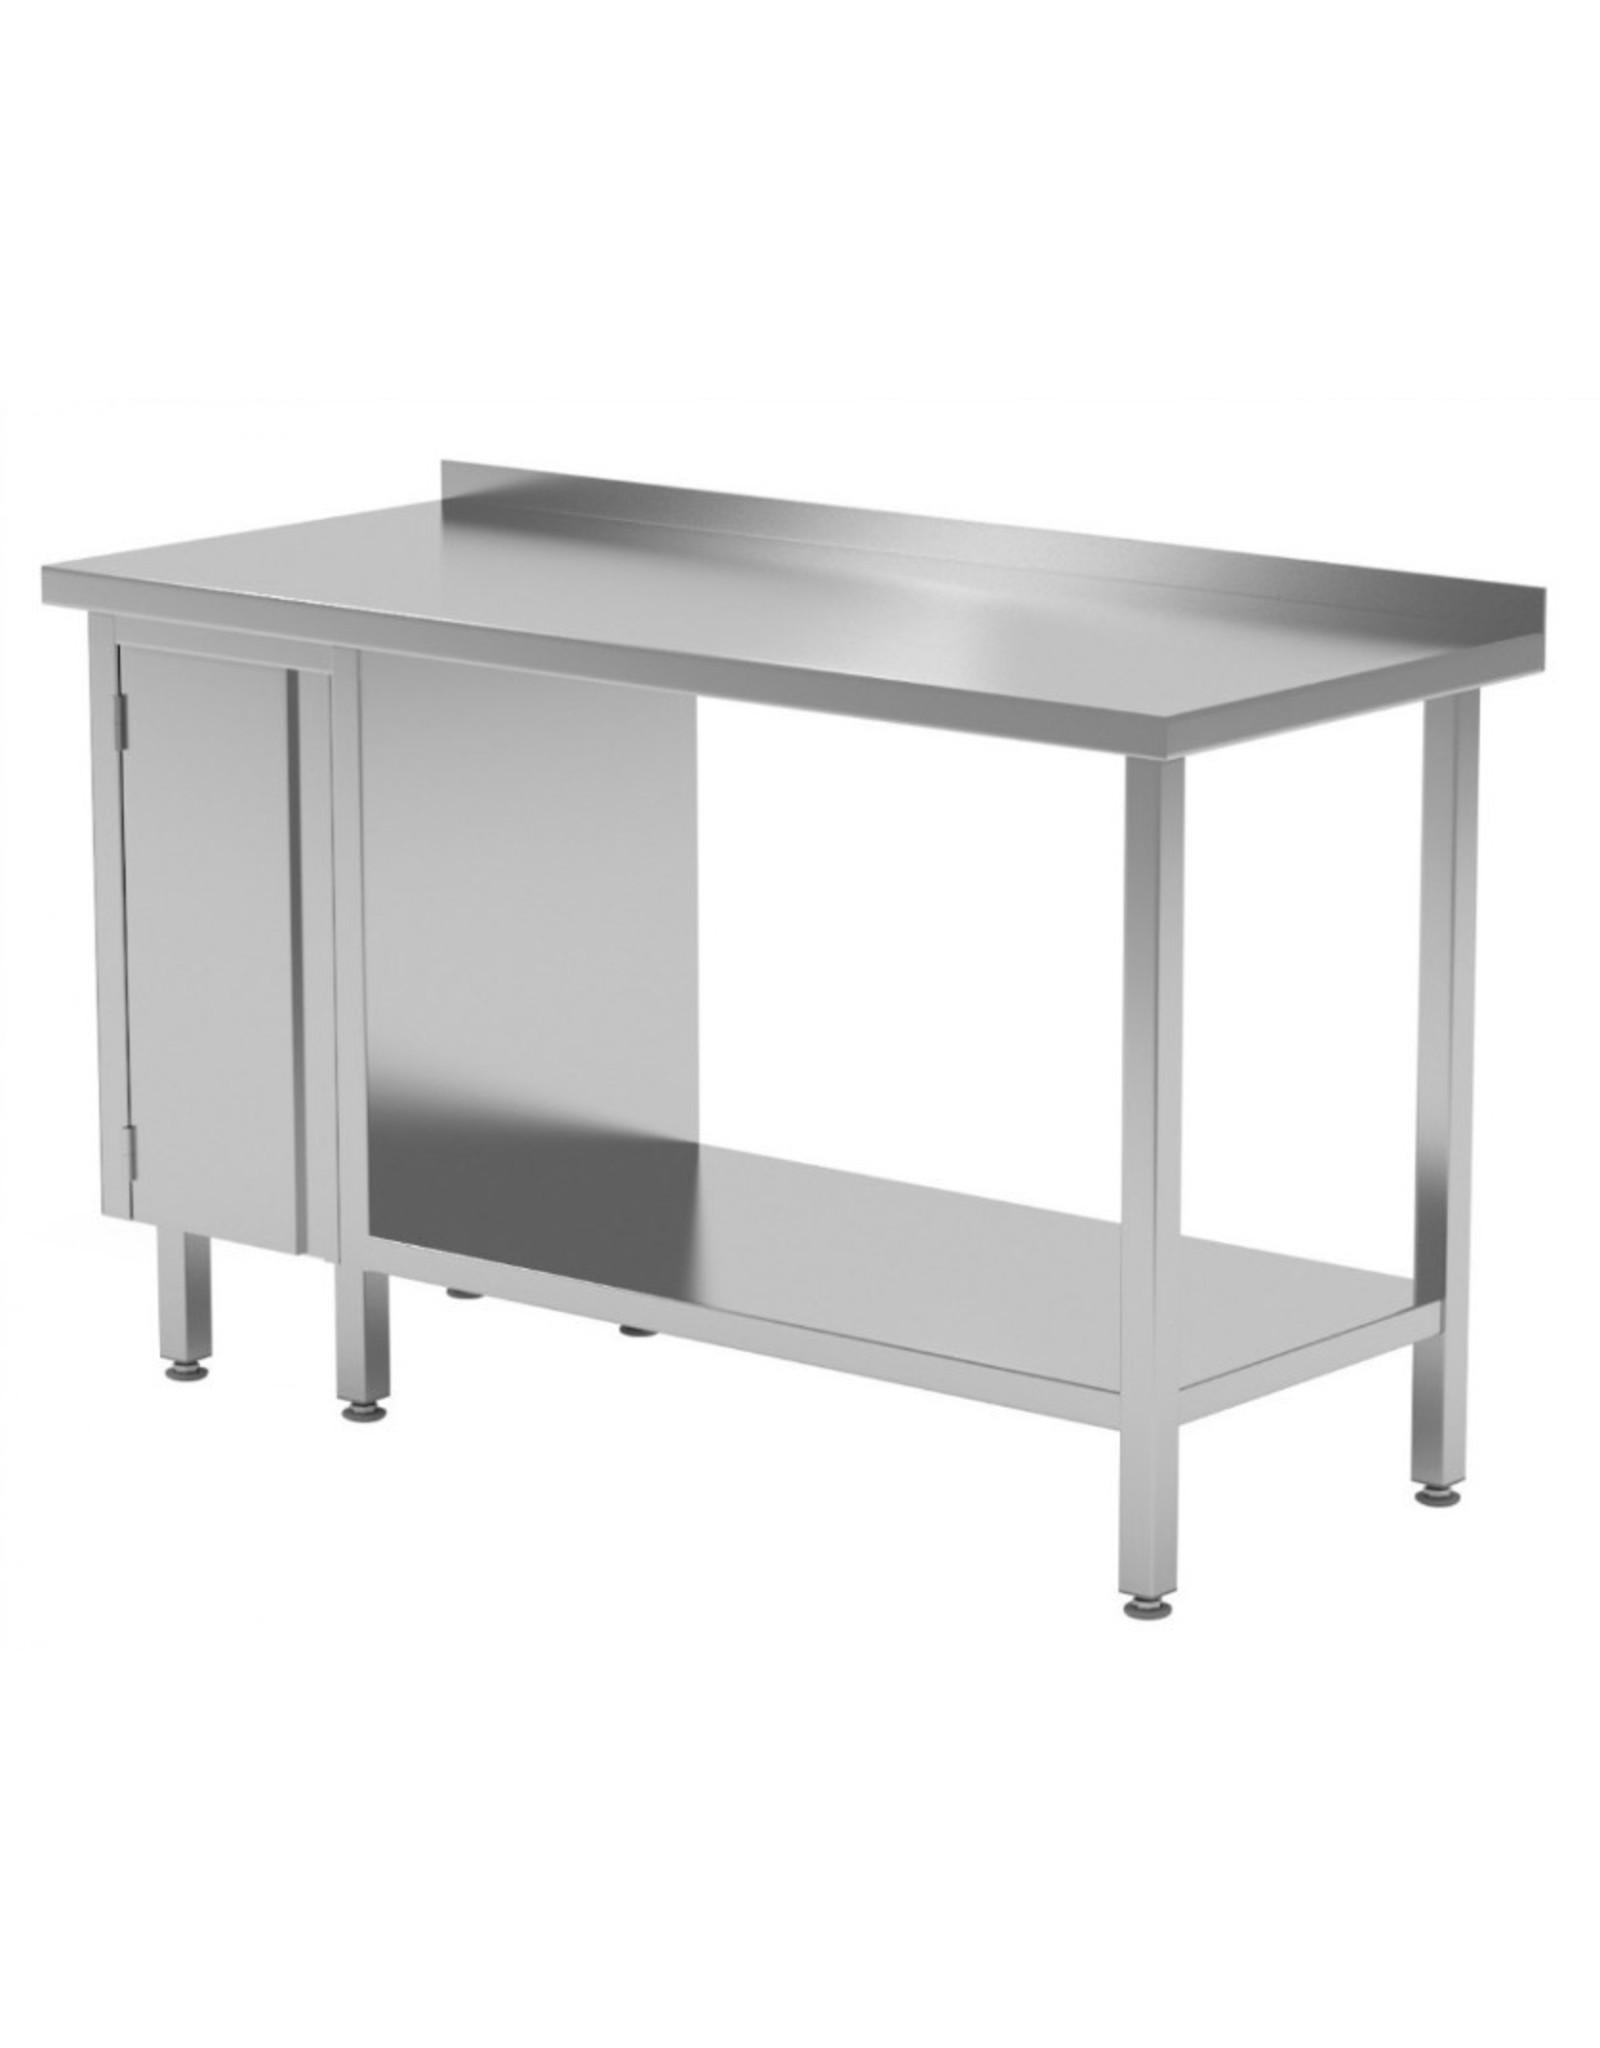 Werktafel met kastje links en onderplank | 800-1900mm breed | 600 of 700mm diep